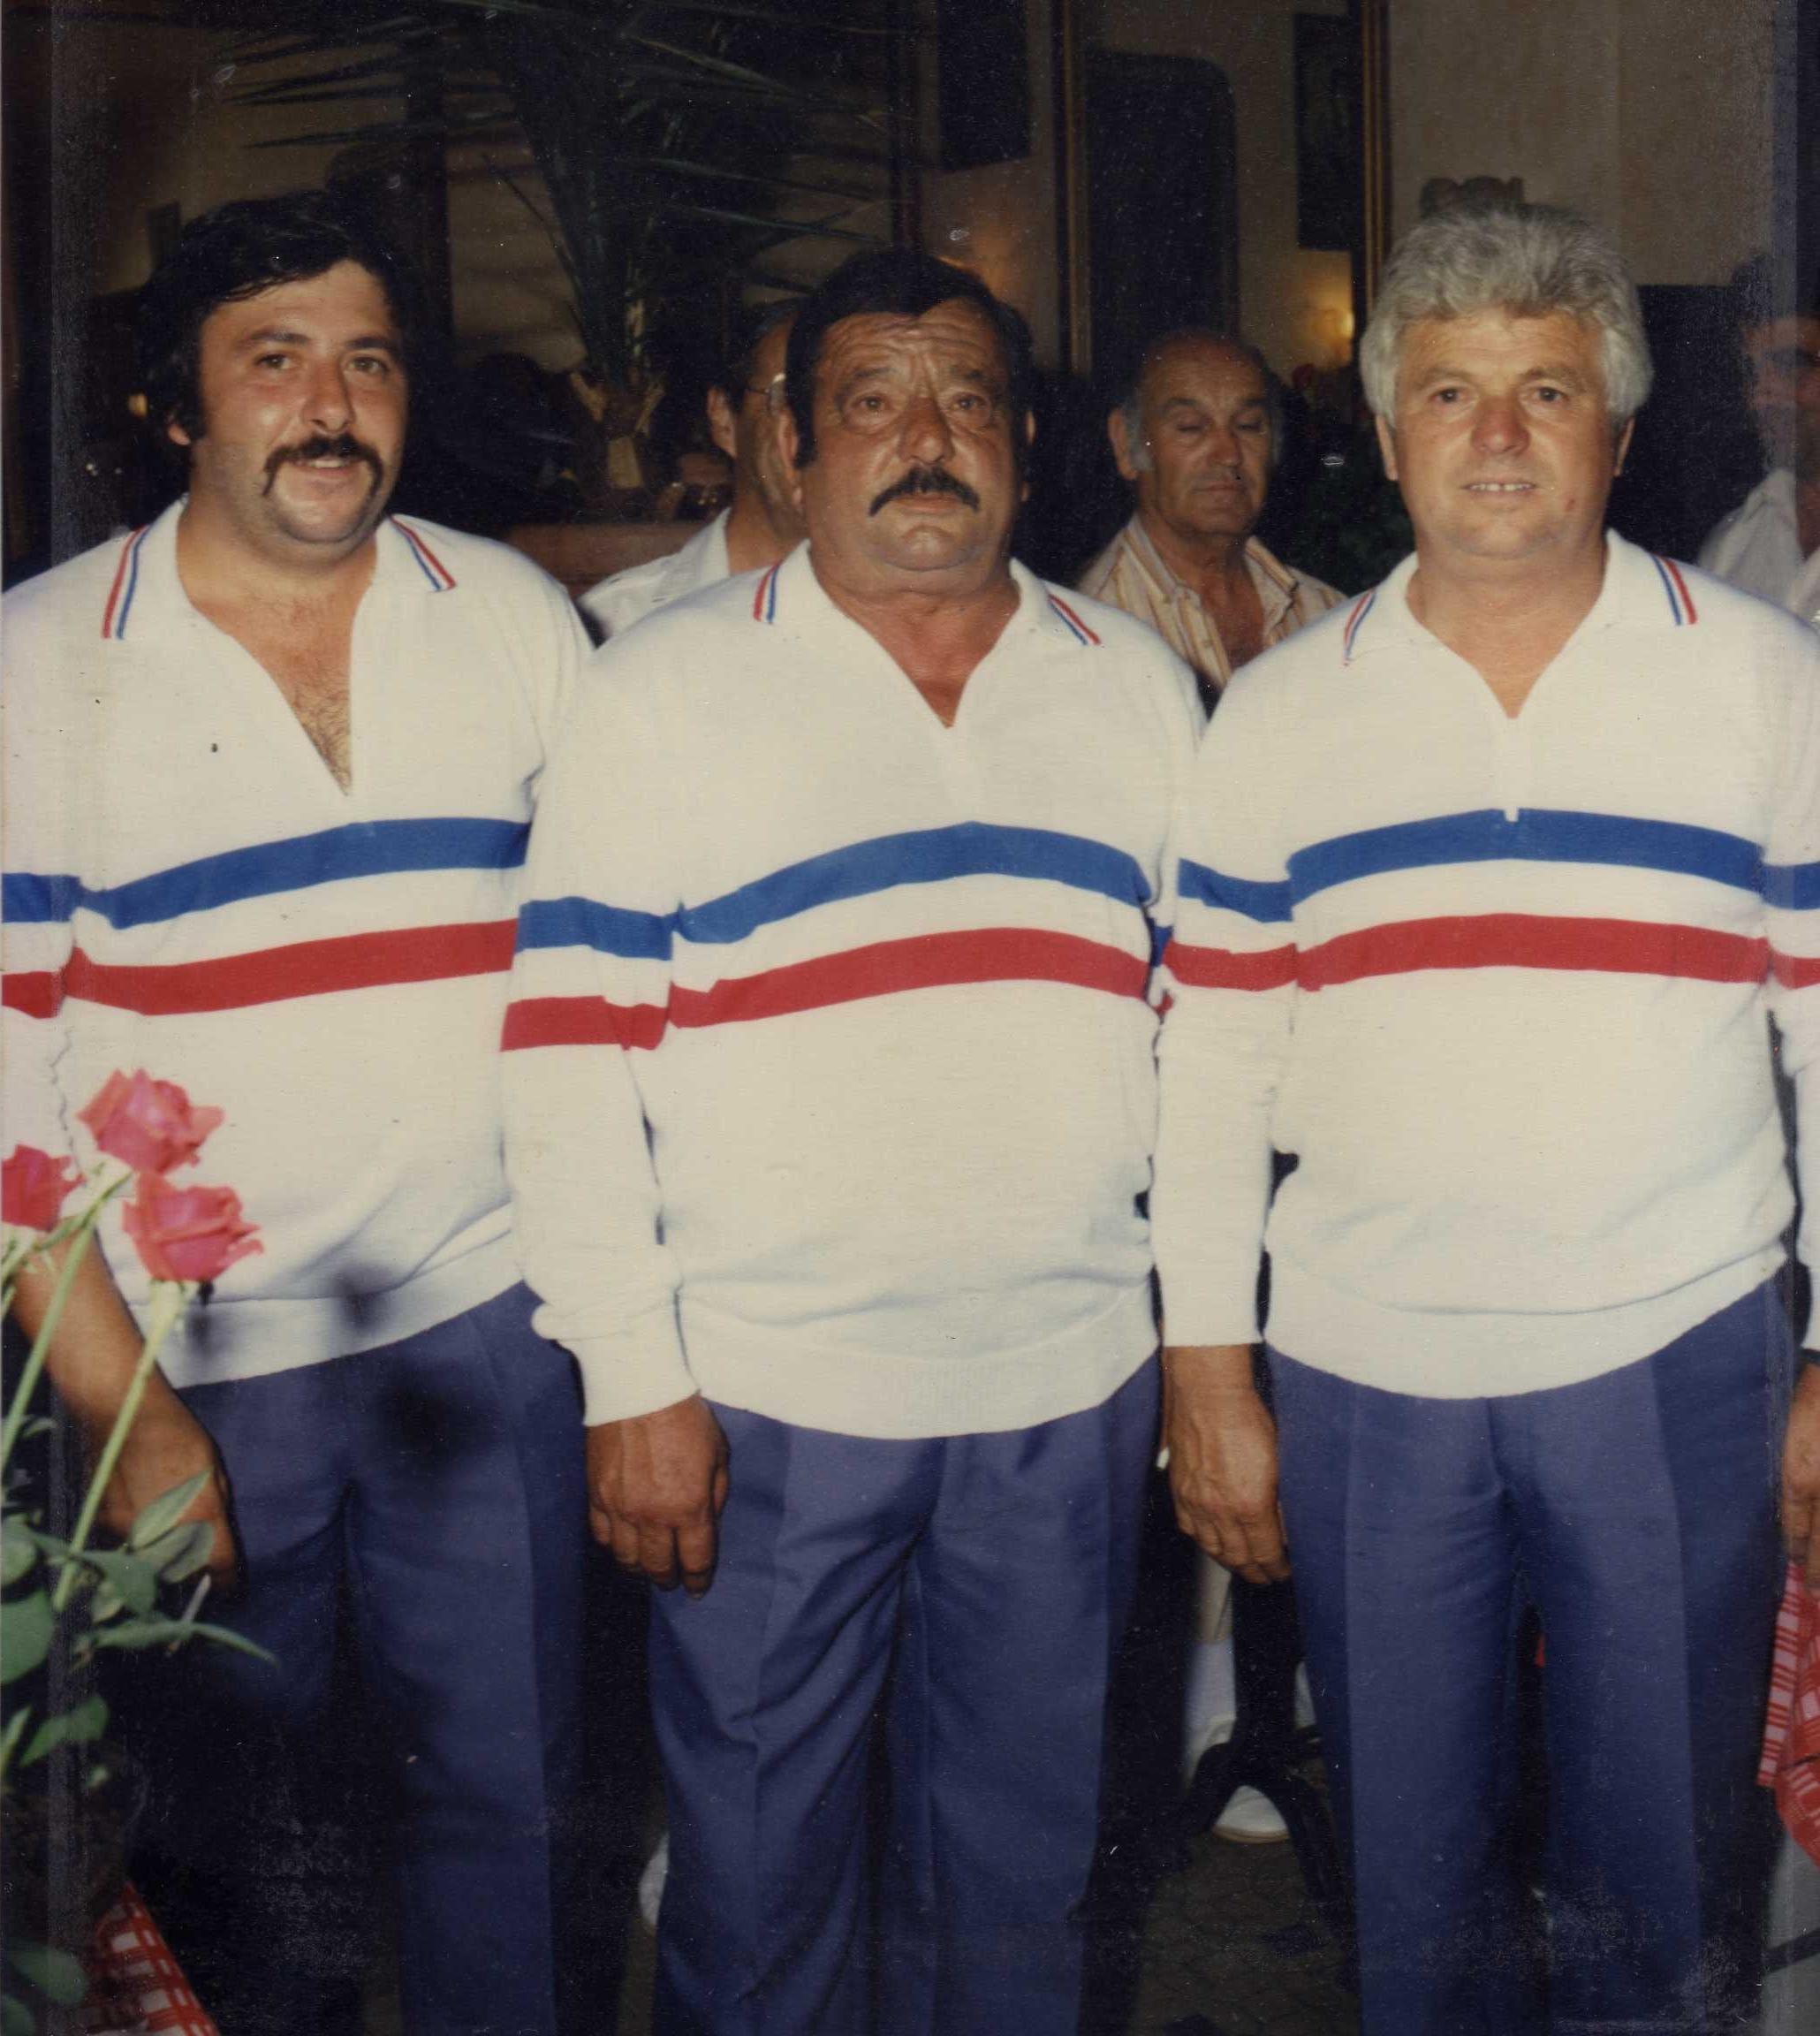 Les champions de France triplettes 1986 > Christian ARCOLAO - Ange ARCOLAO - Aristide ZANGARELLI